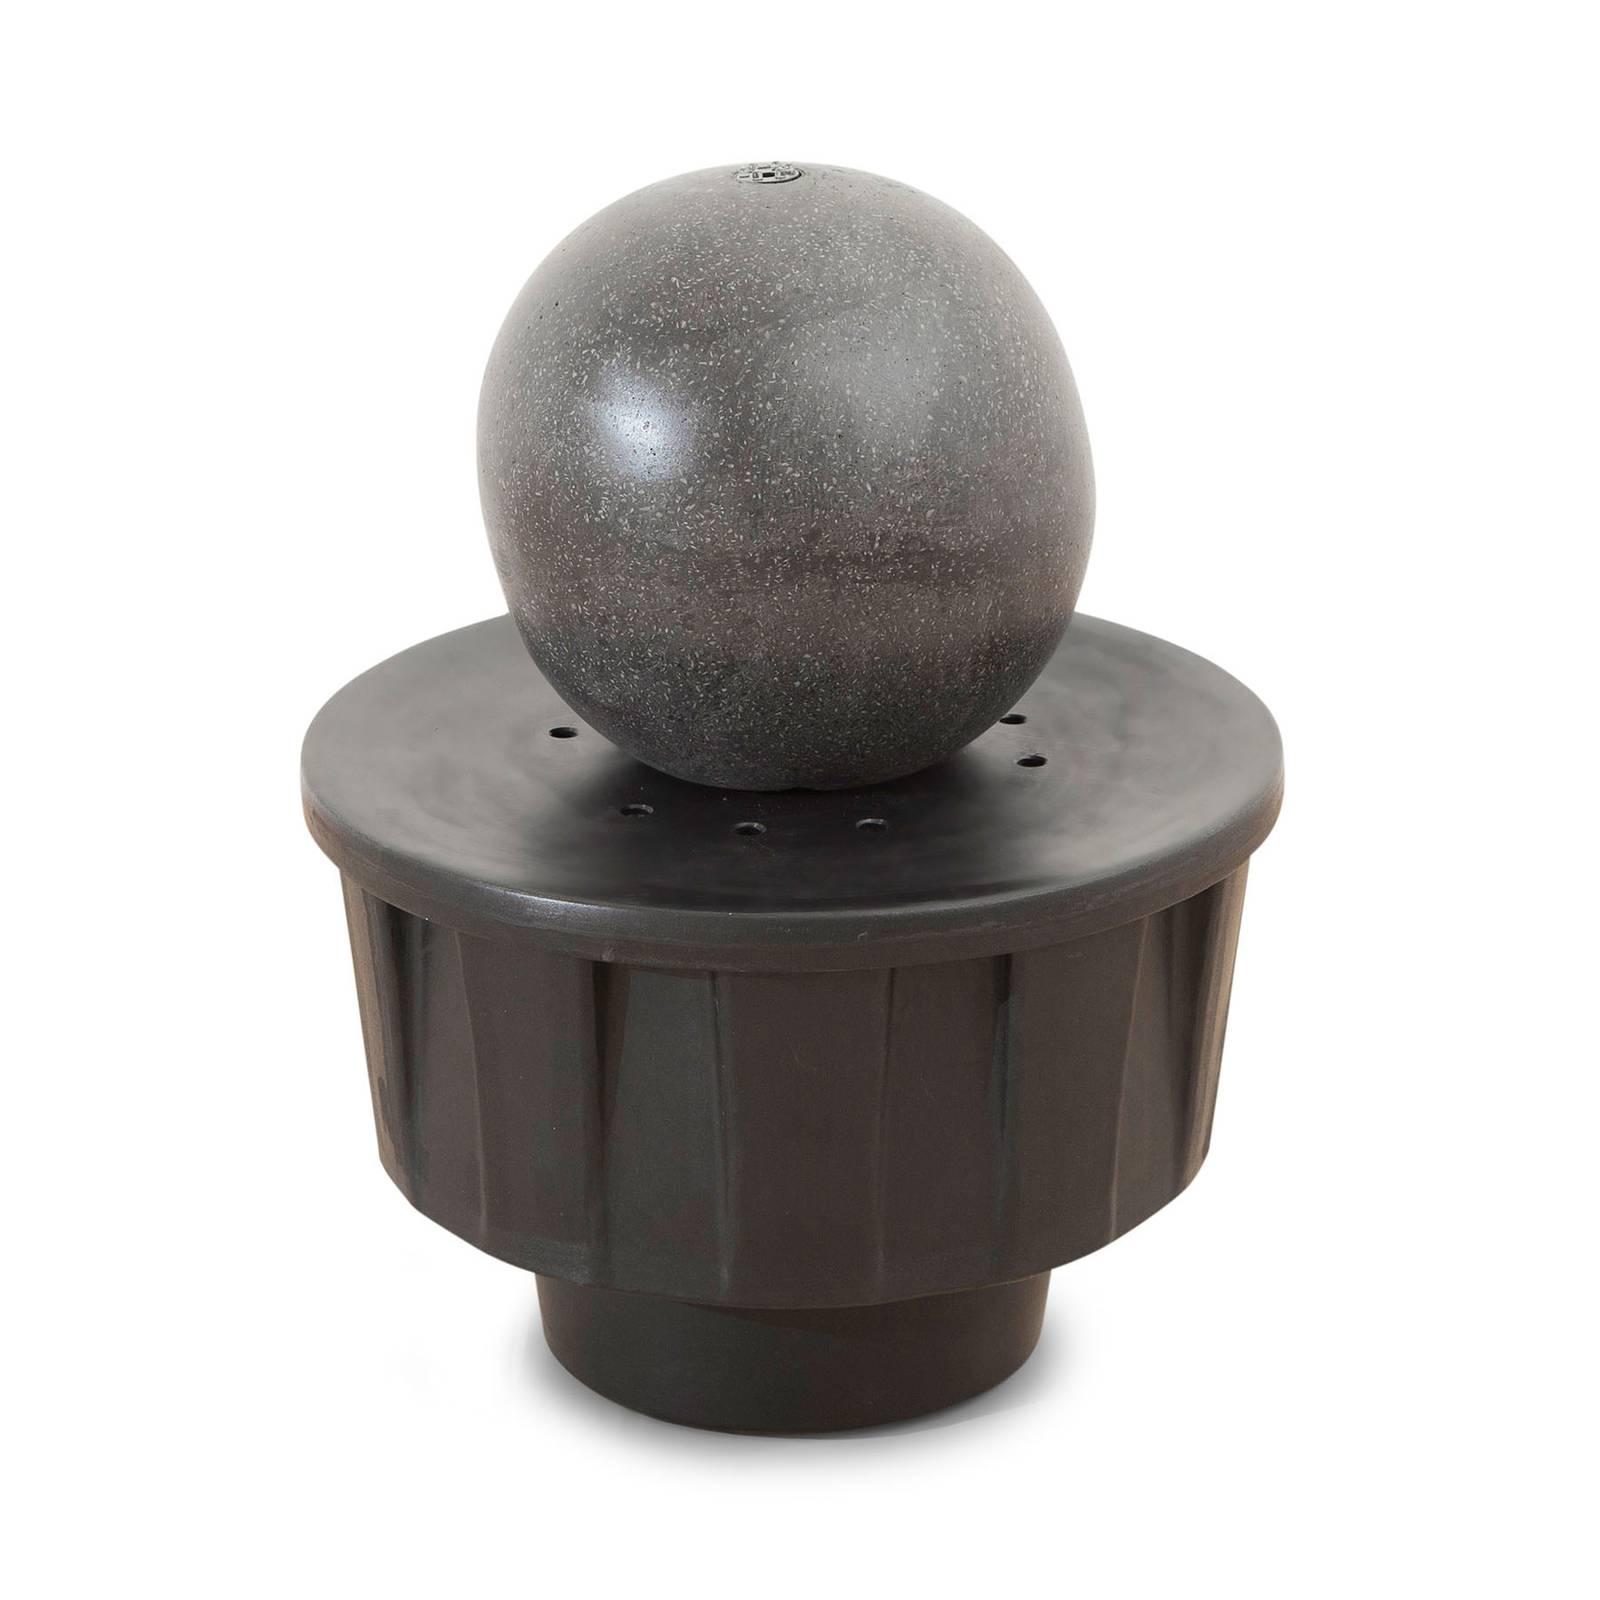 Pallosuihkulähdeyksikkö Rovio III -koristelamppuun